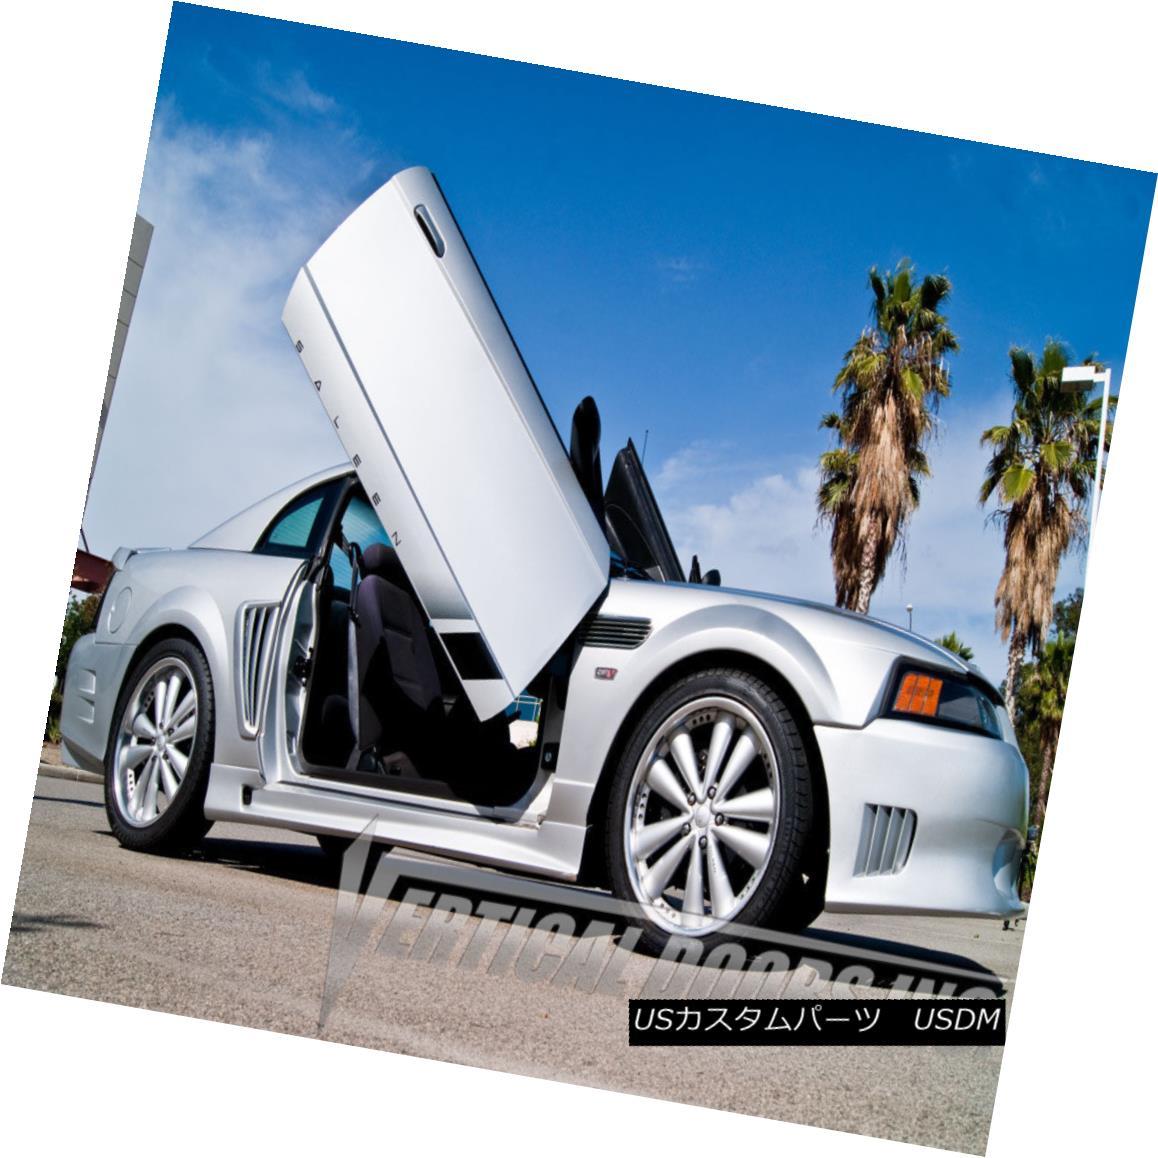 ガルウィングキット Ford Mustang 99-04 Lambo Kit Vertical Doors Inc 00 01+ フォードマスタング99-04ランボキット垂直ドアInc 00 01+